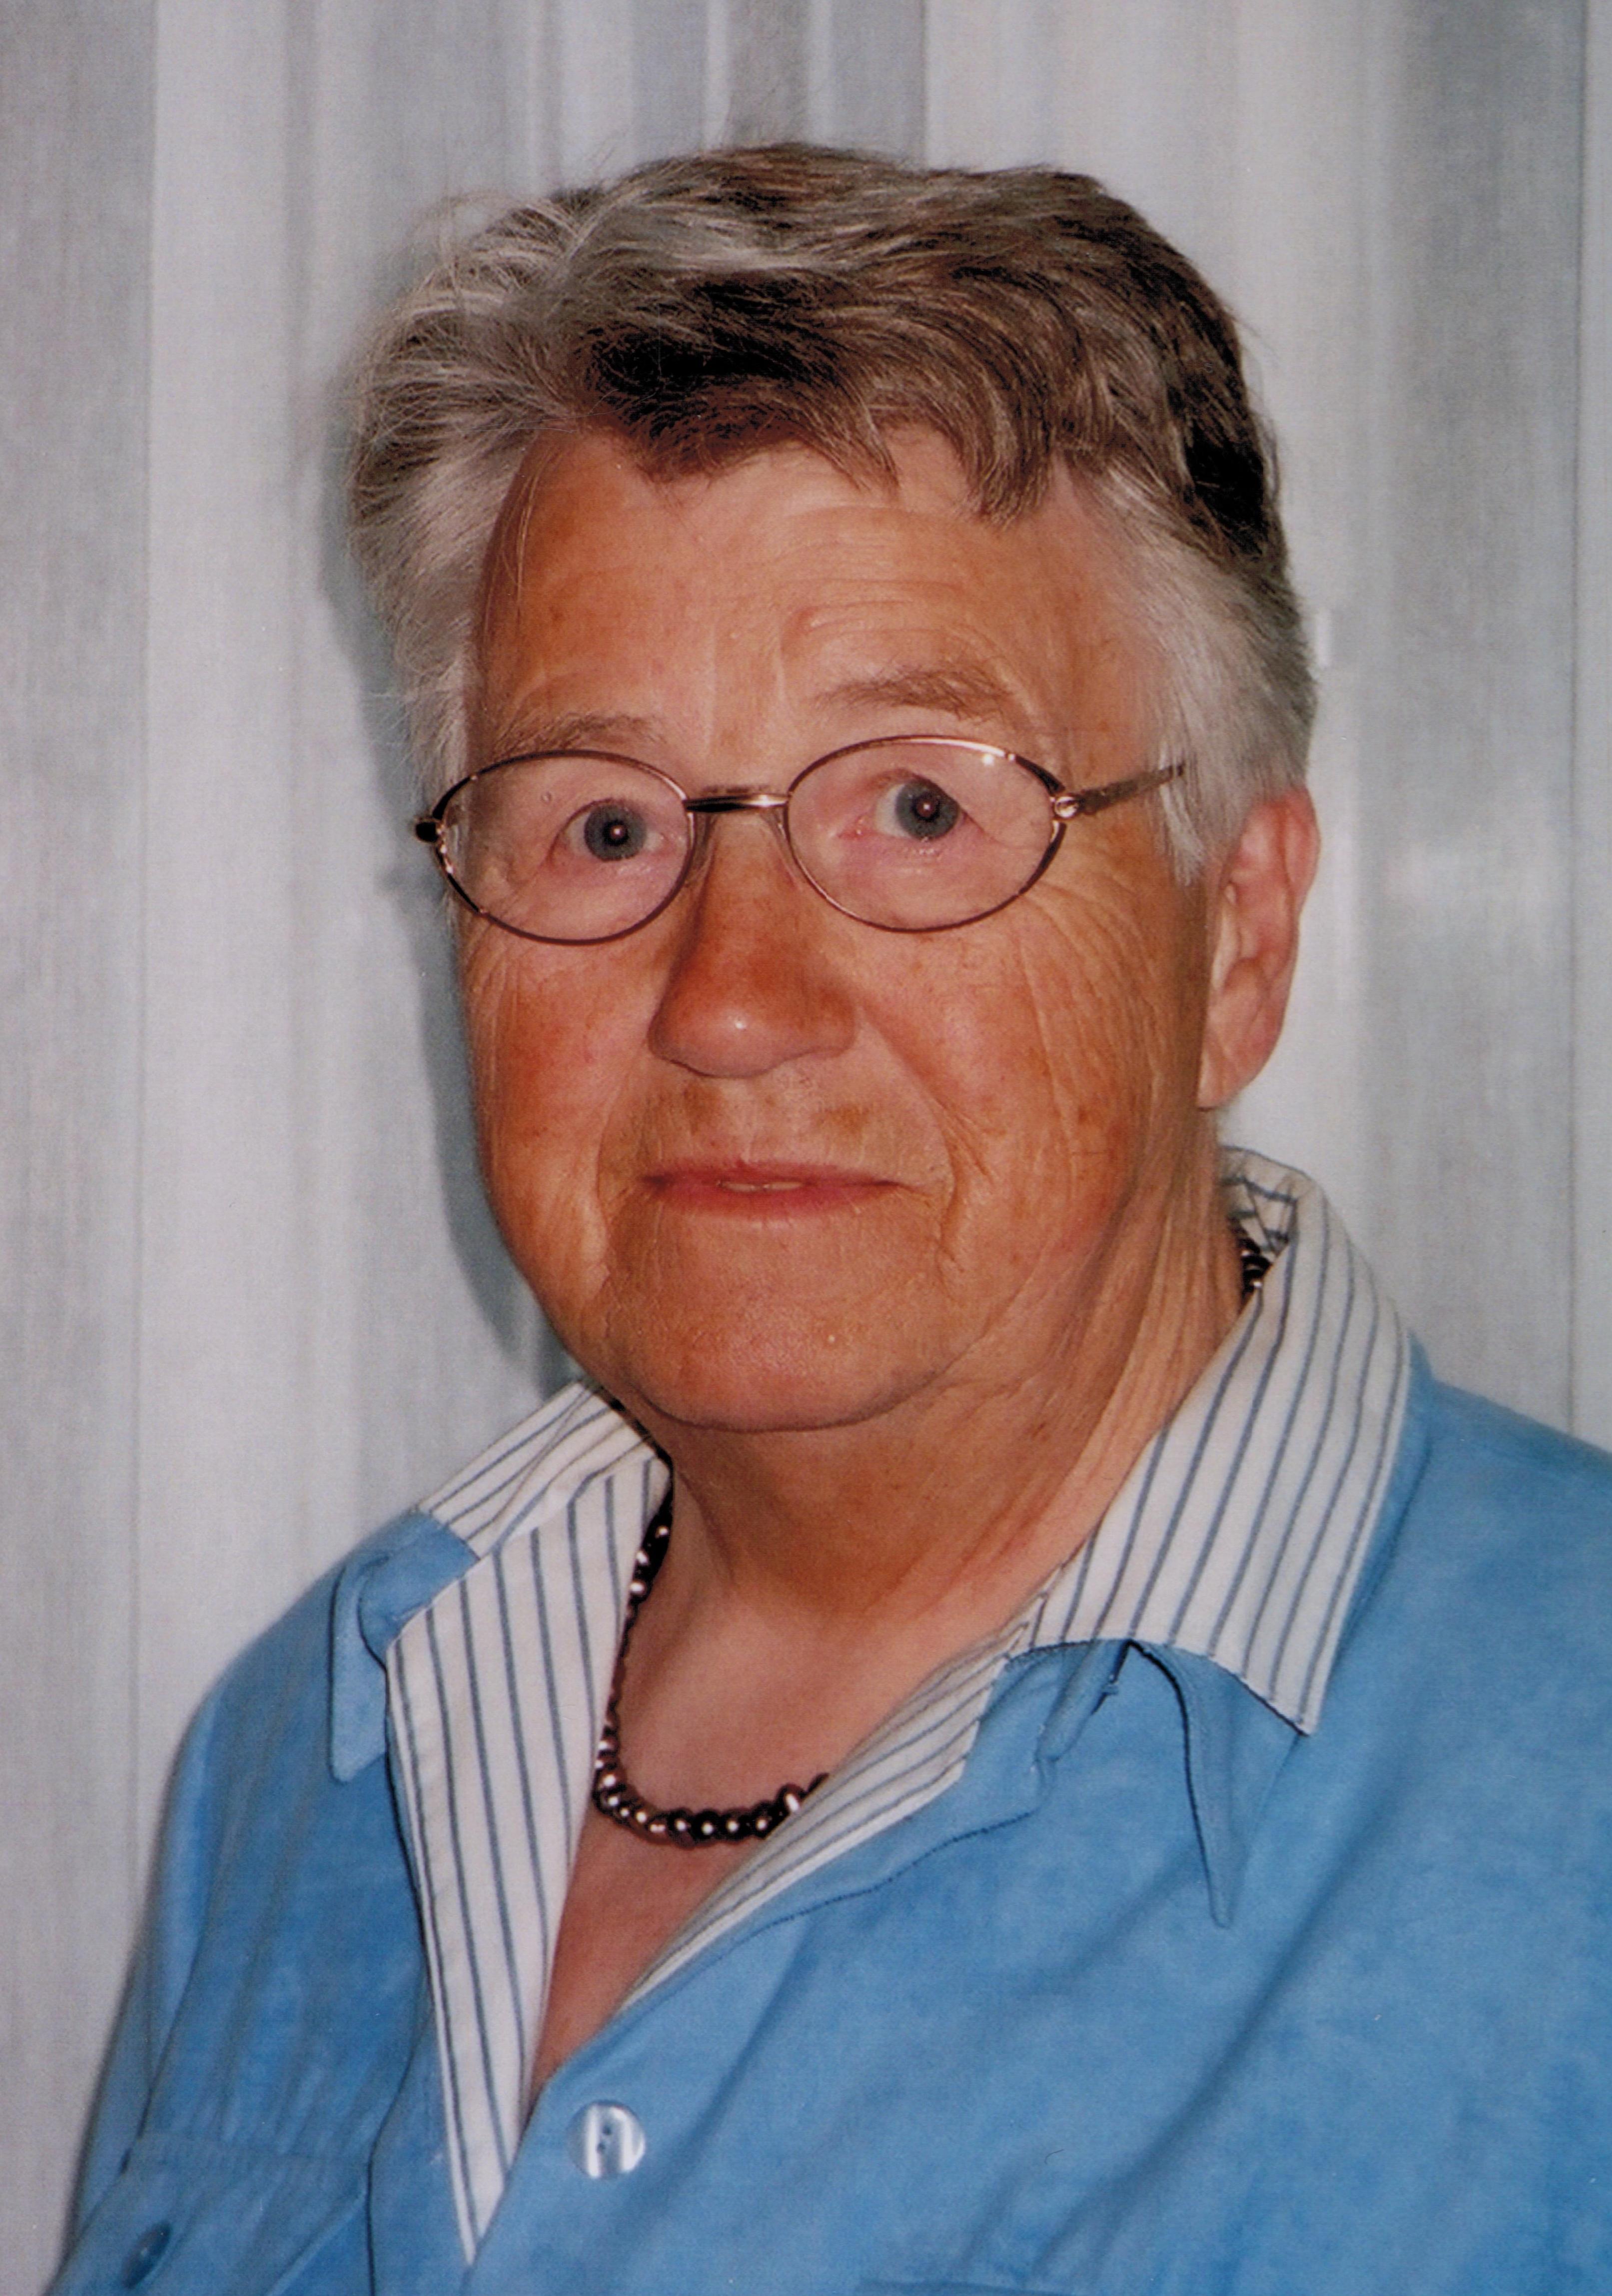 Zuster Aloysa van Amersfoort